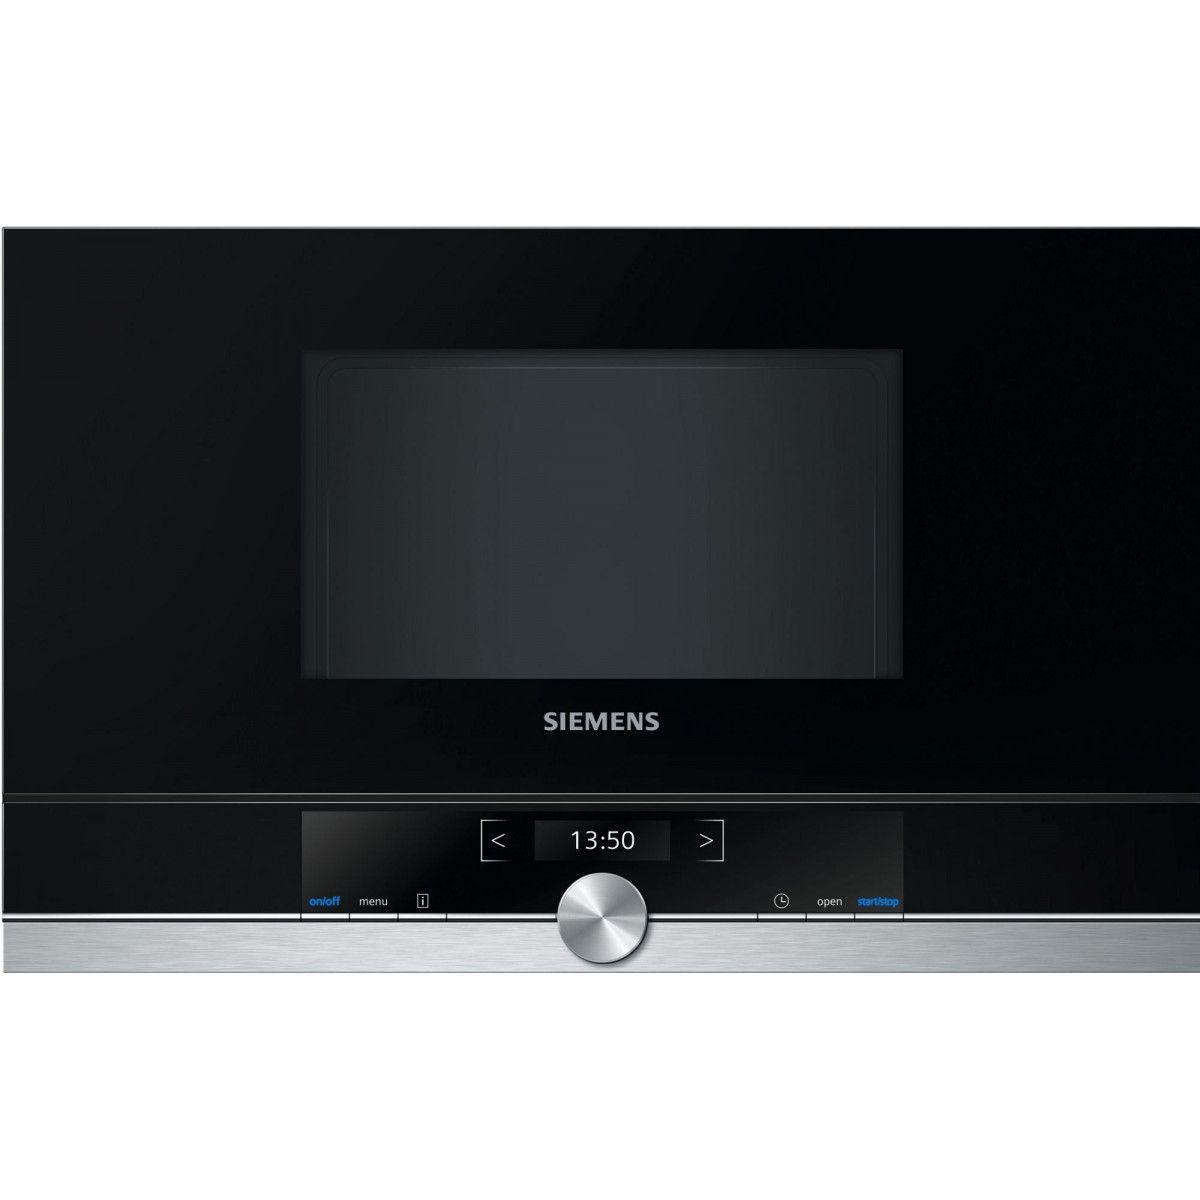 Siemens Micro-ondes Encastrable 21l Siemens 900w 59.4cm, Bf 634 Lgs 1